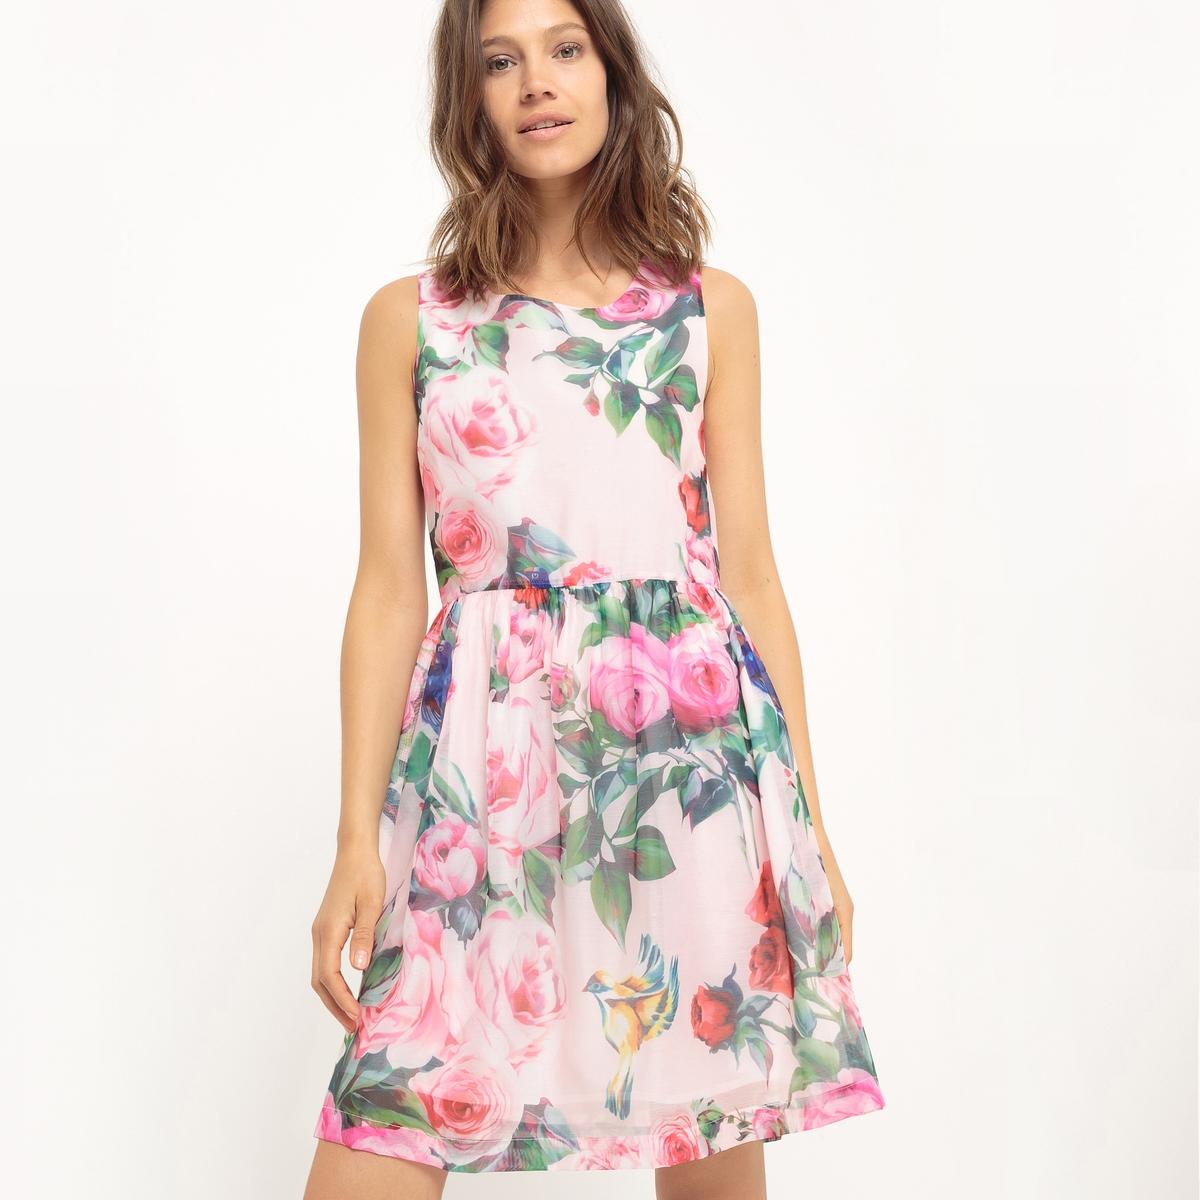 Платье без рукавов с цветочным рисункомМатериал : 100% полиэстер  Длина рукава : без рукавов Особенность пояса : Эластичный пояс Форма воротника : Круглый вырез Покрой платья : расклешенное платье. Рисунок : цветочный.   Длина платья : короткое.<br><br>Цвет: цветочный рисунок<br>Размер: XS